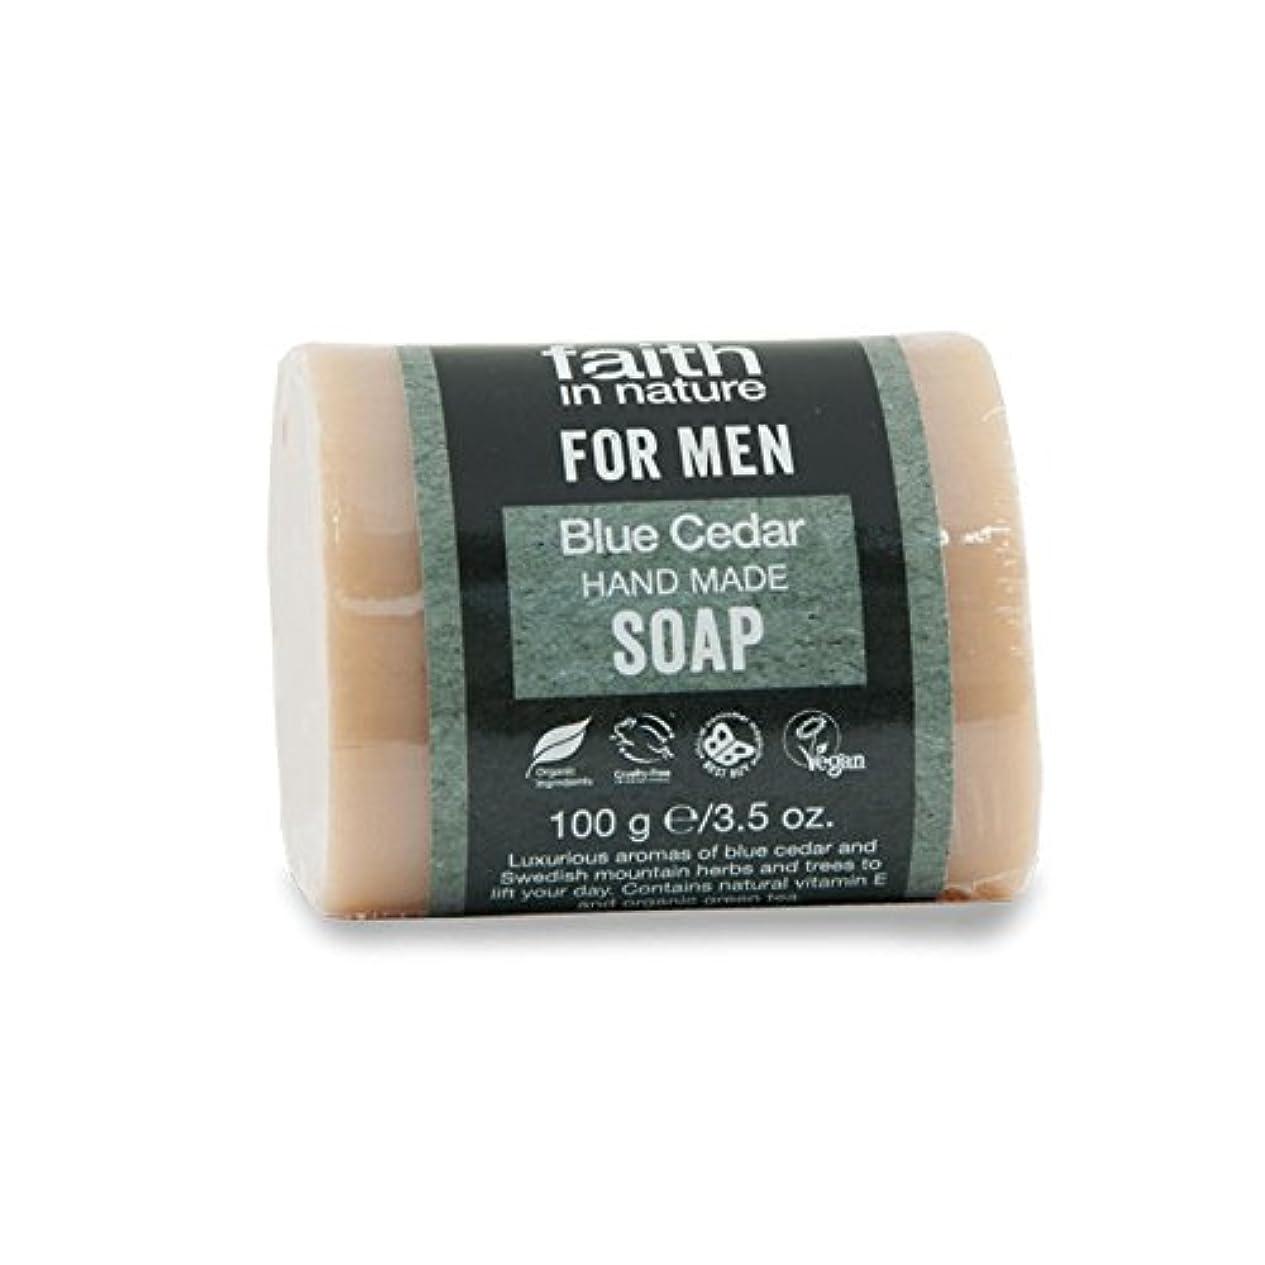 暗くする障害者犠牲Faith in Nature for Men Blue Cedar Soap 100g (Pack of 2) - 男性青杉の石鹸100グラムのための自然の中で信仰 (x2) [並行輸入品]